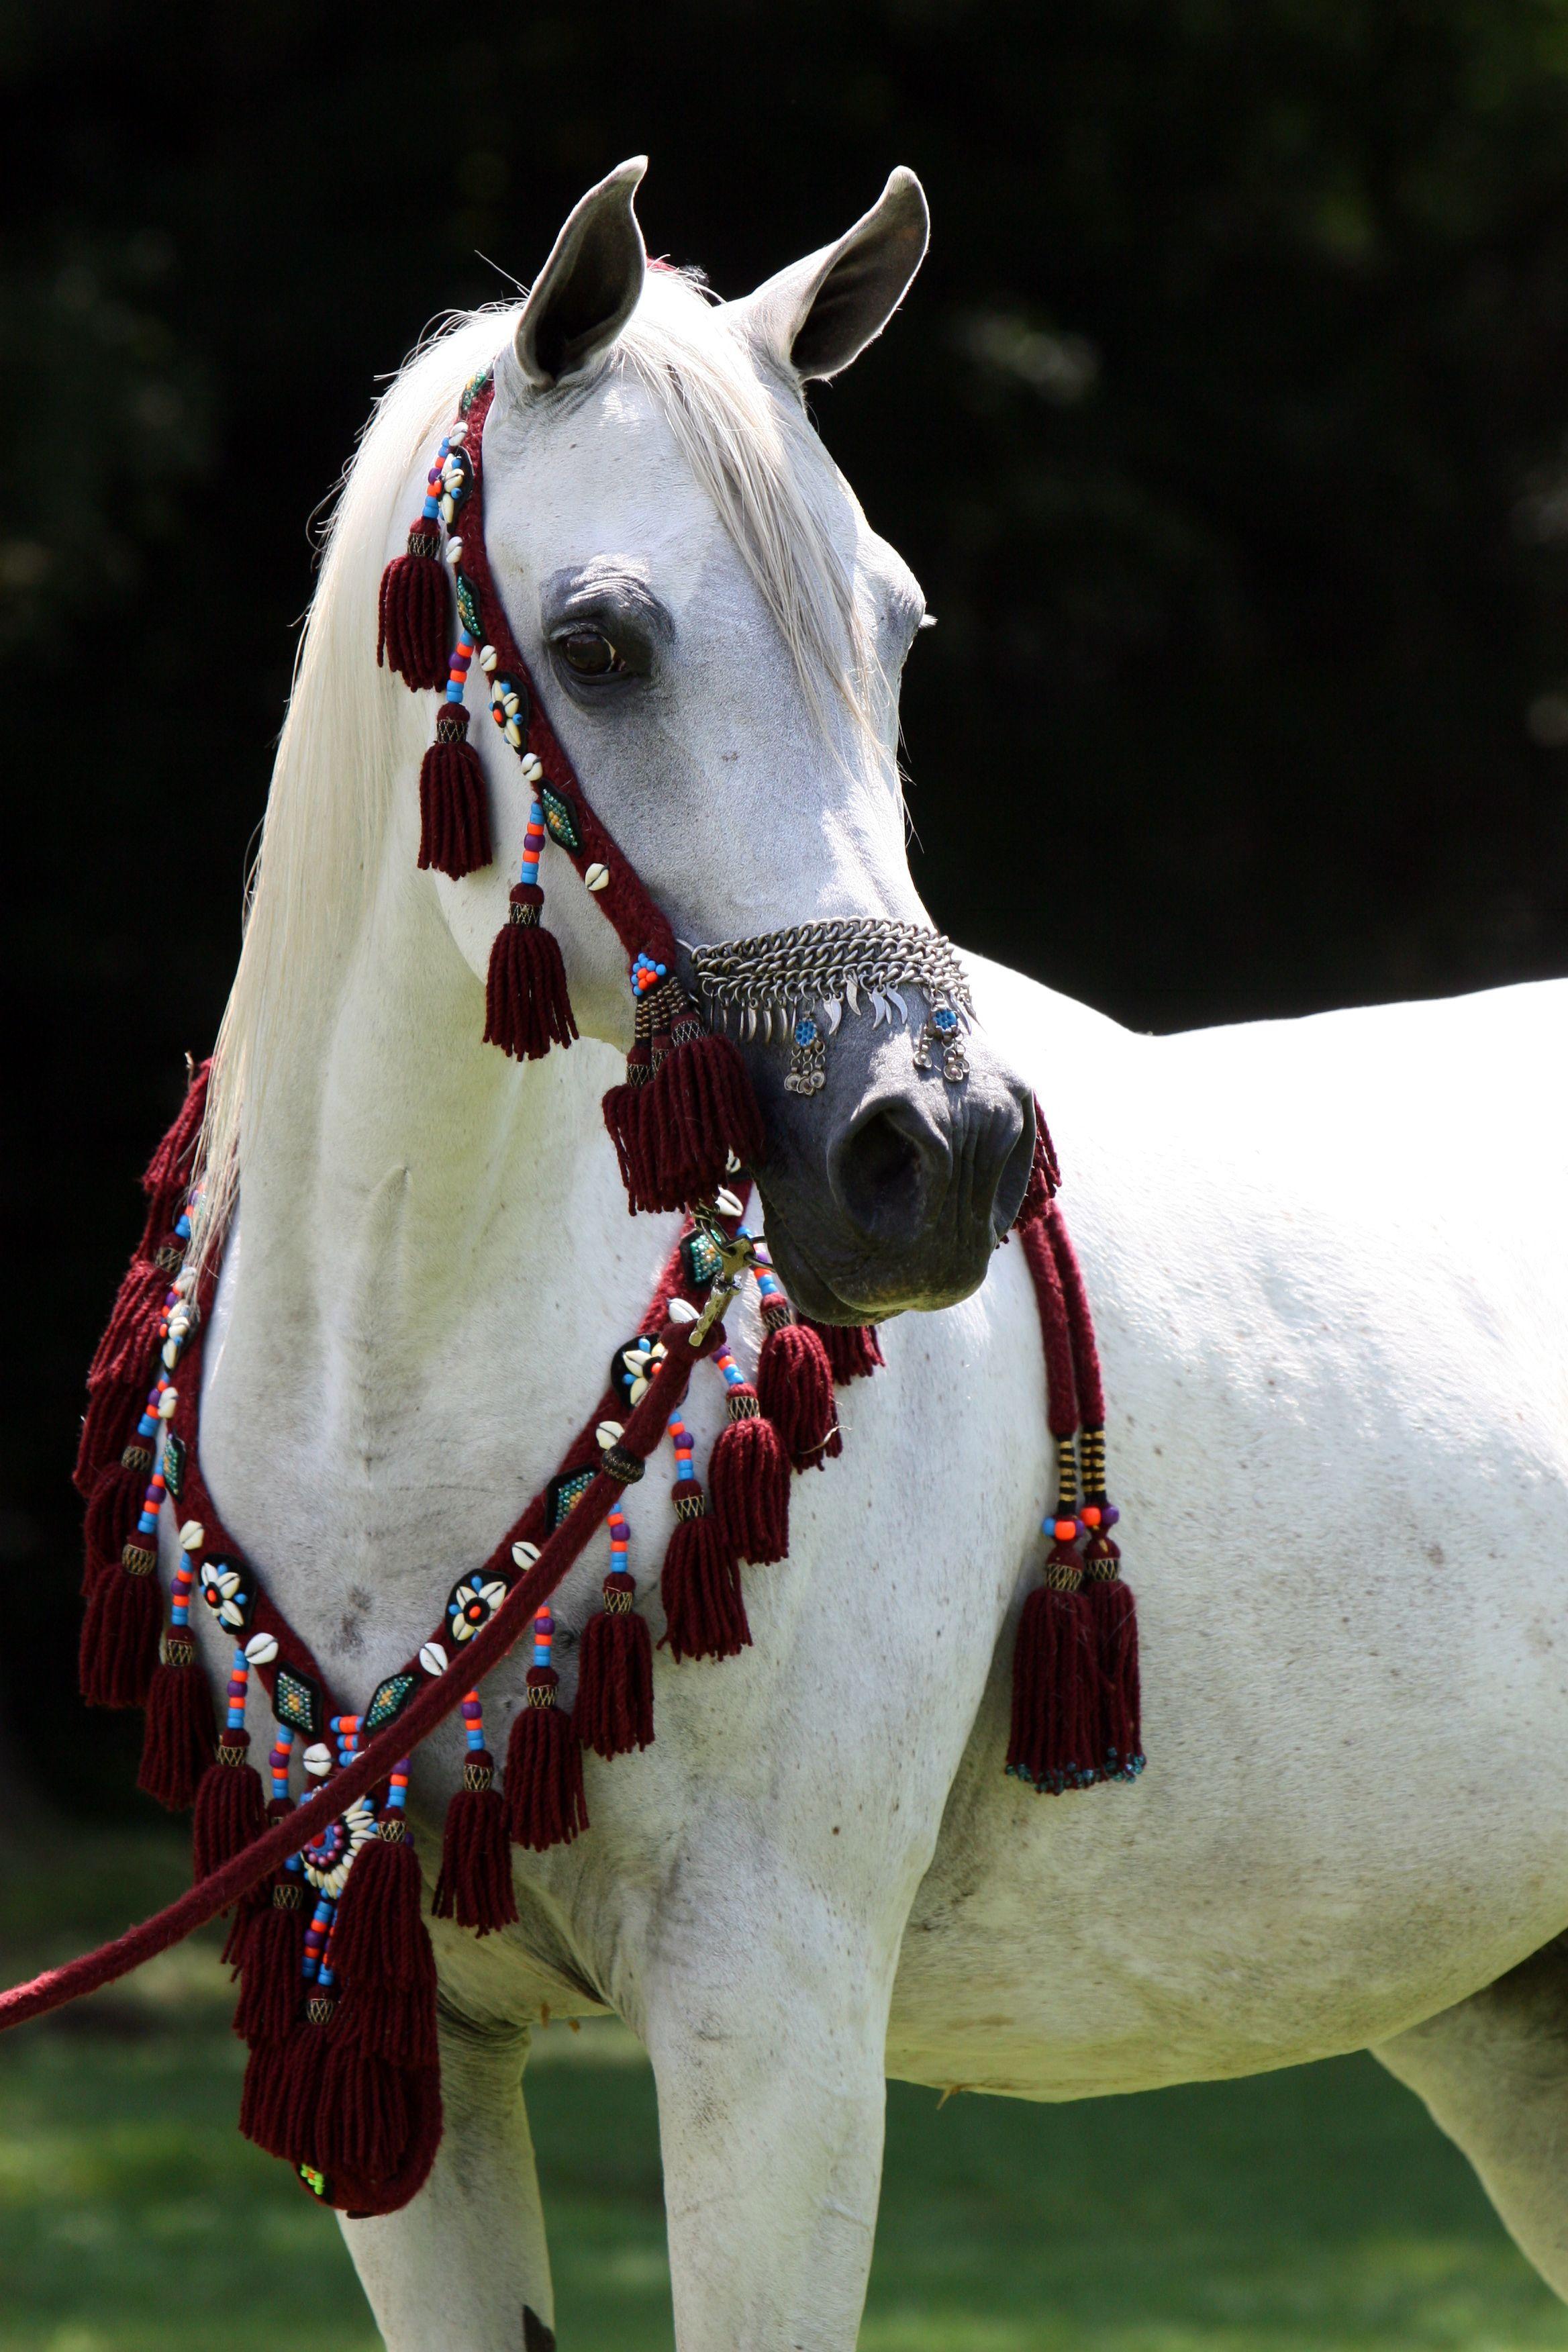 хочет, картинки нарядные лошади хвалебным песням